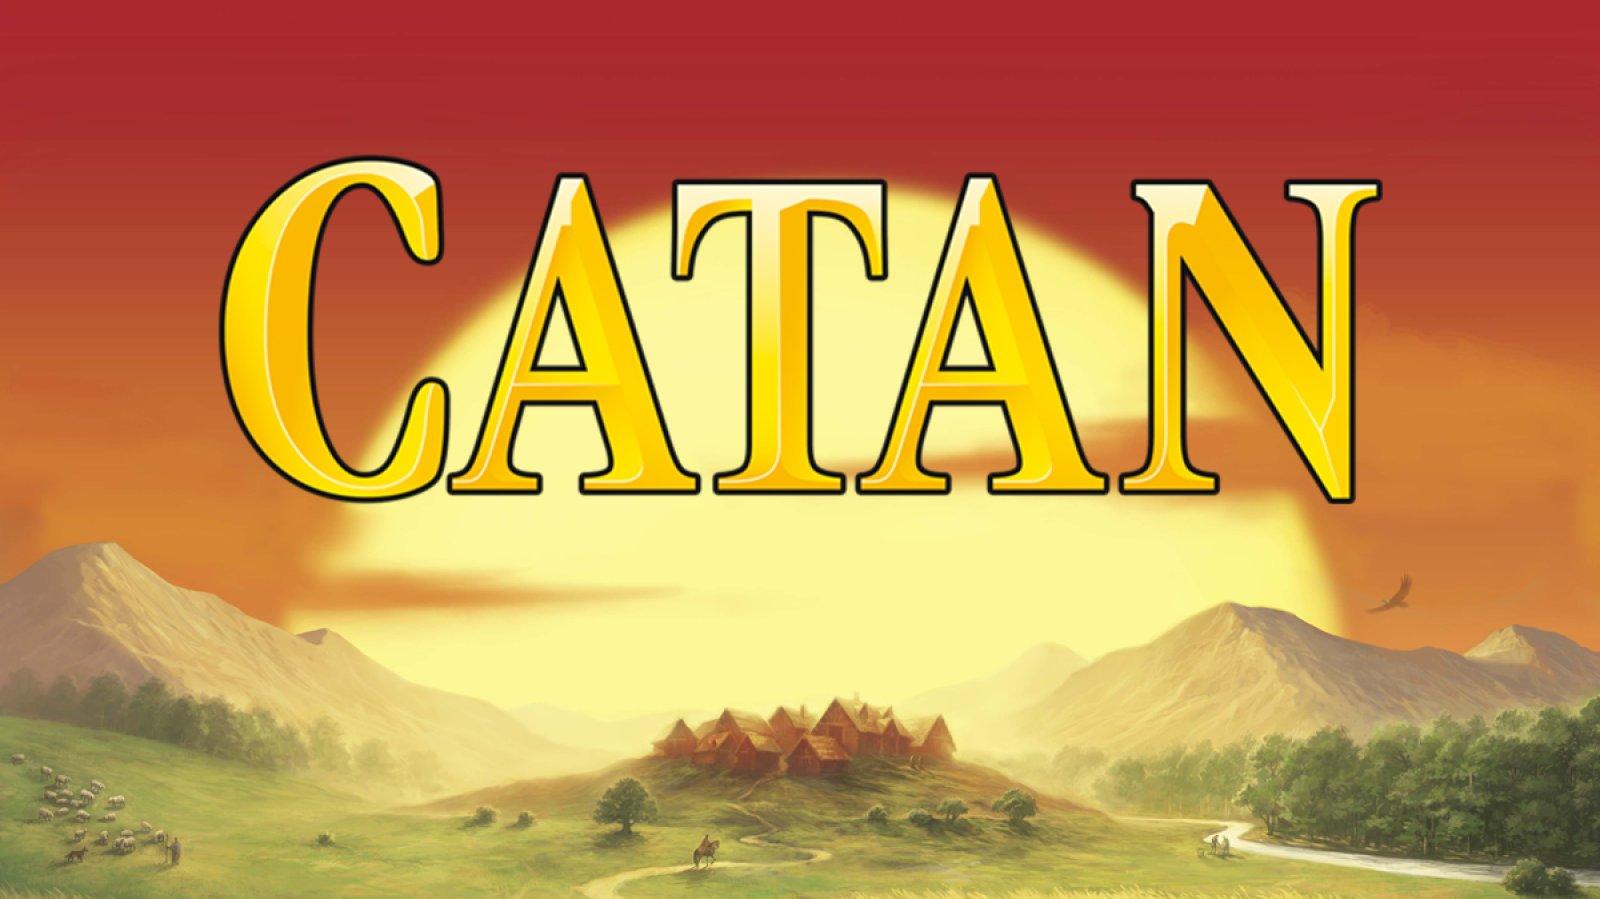 Les colons de Catan se dirigent vers Nintendo Switch le 20 juin.